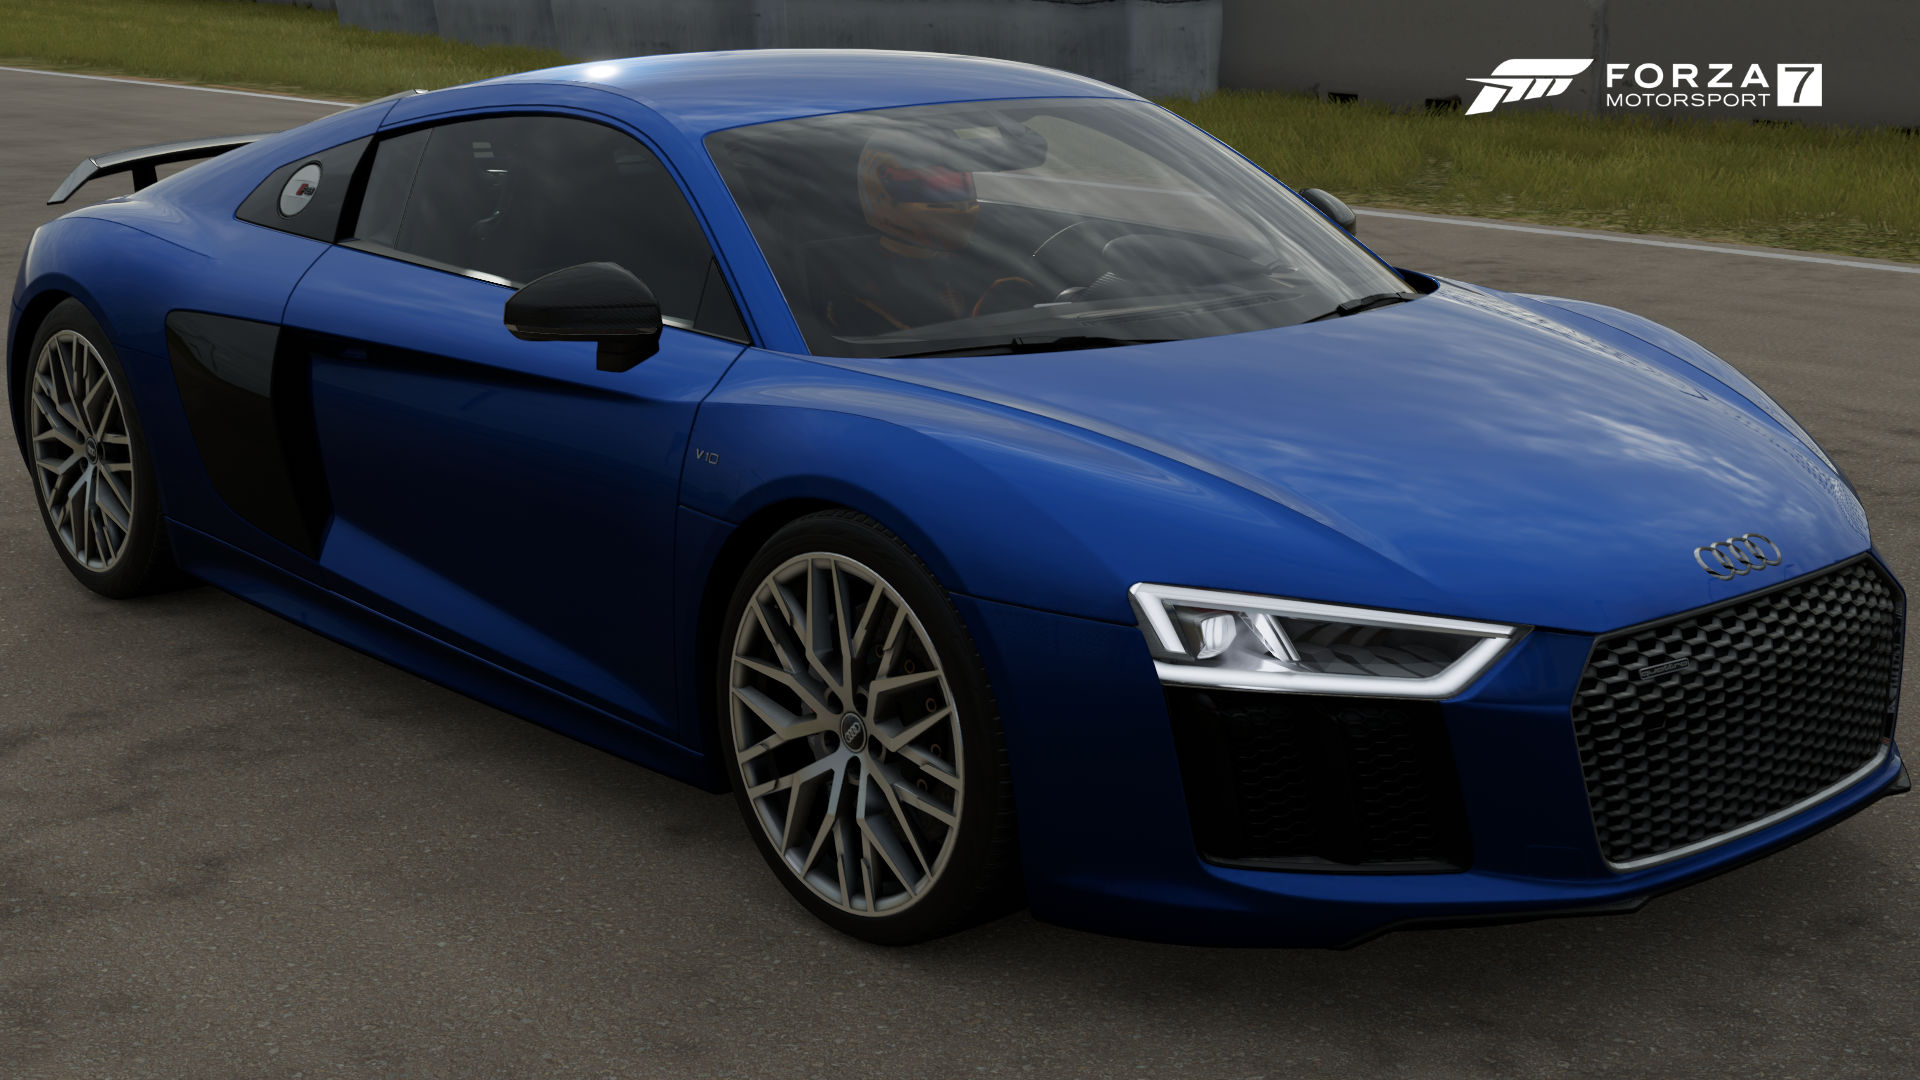 The 2016 Audi R8 V10 Plus In Forza Motorsport 7